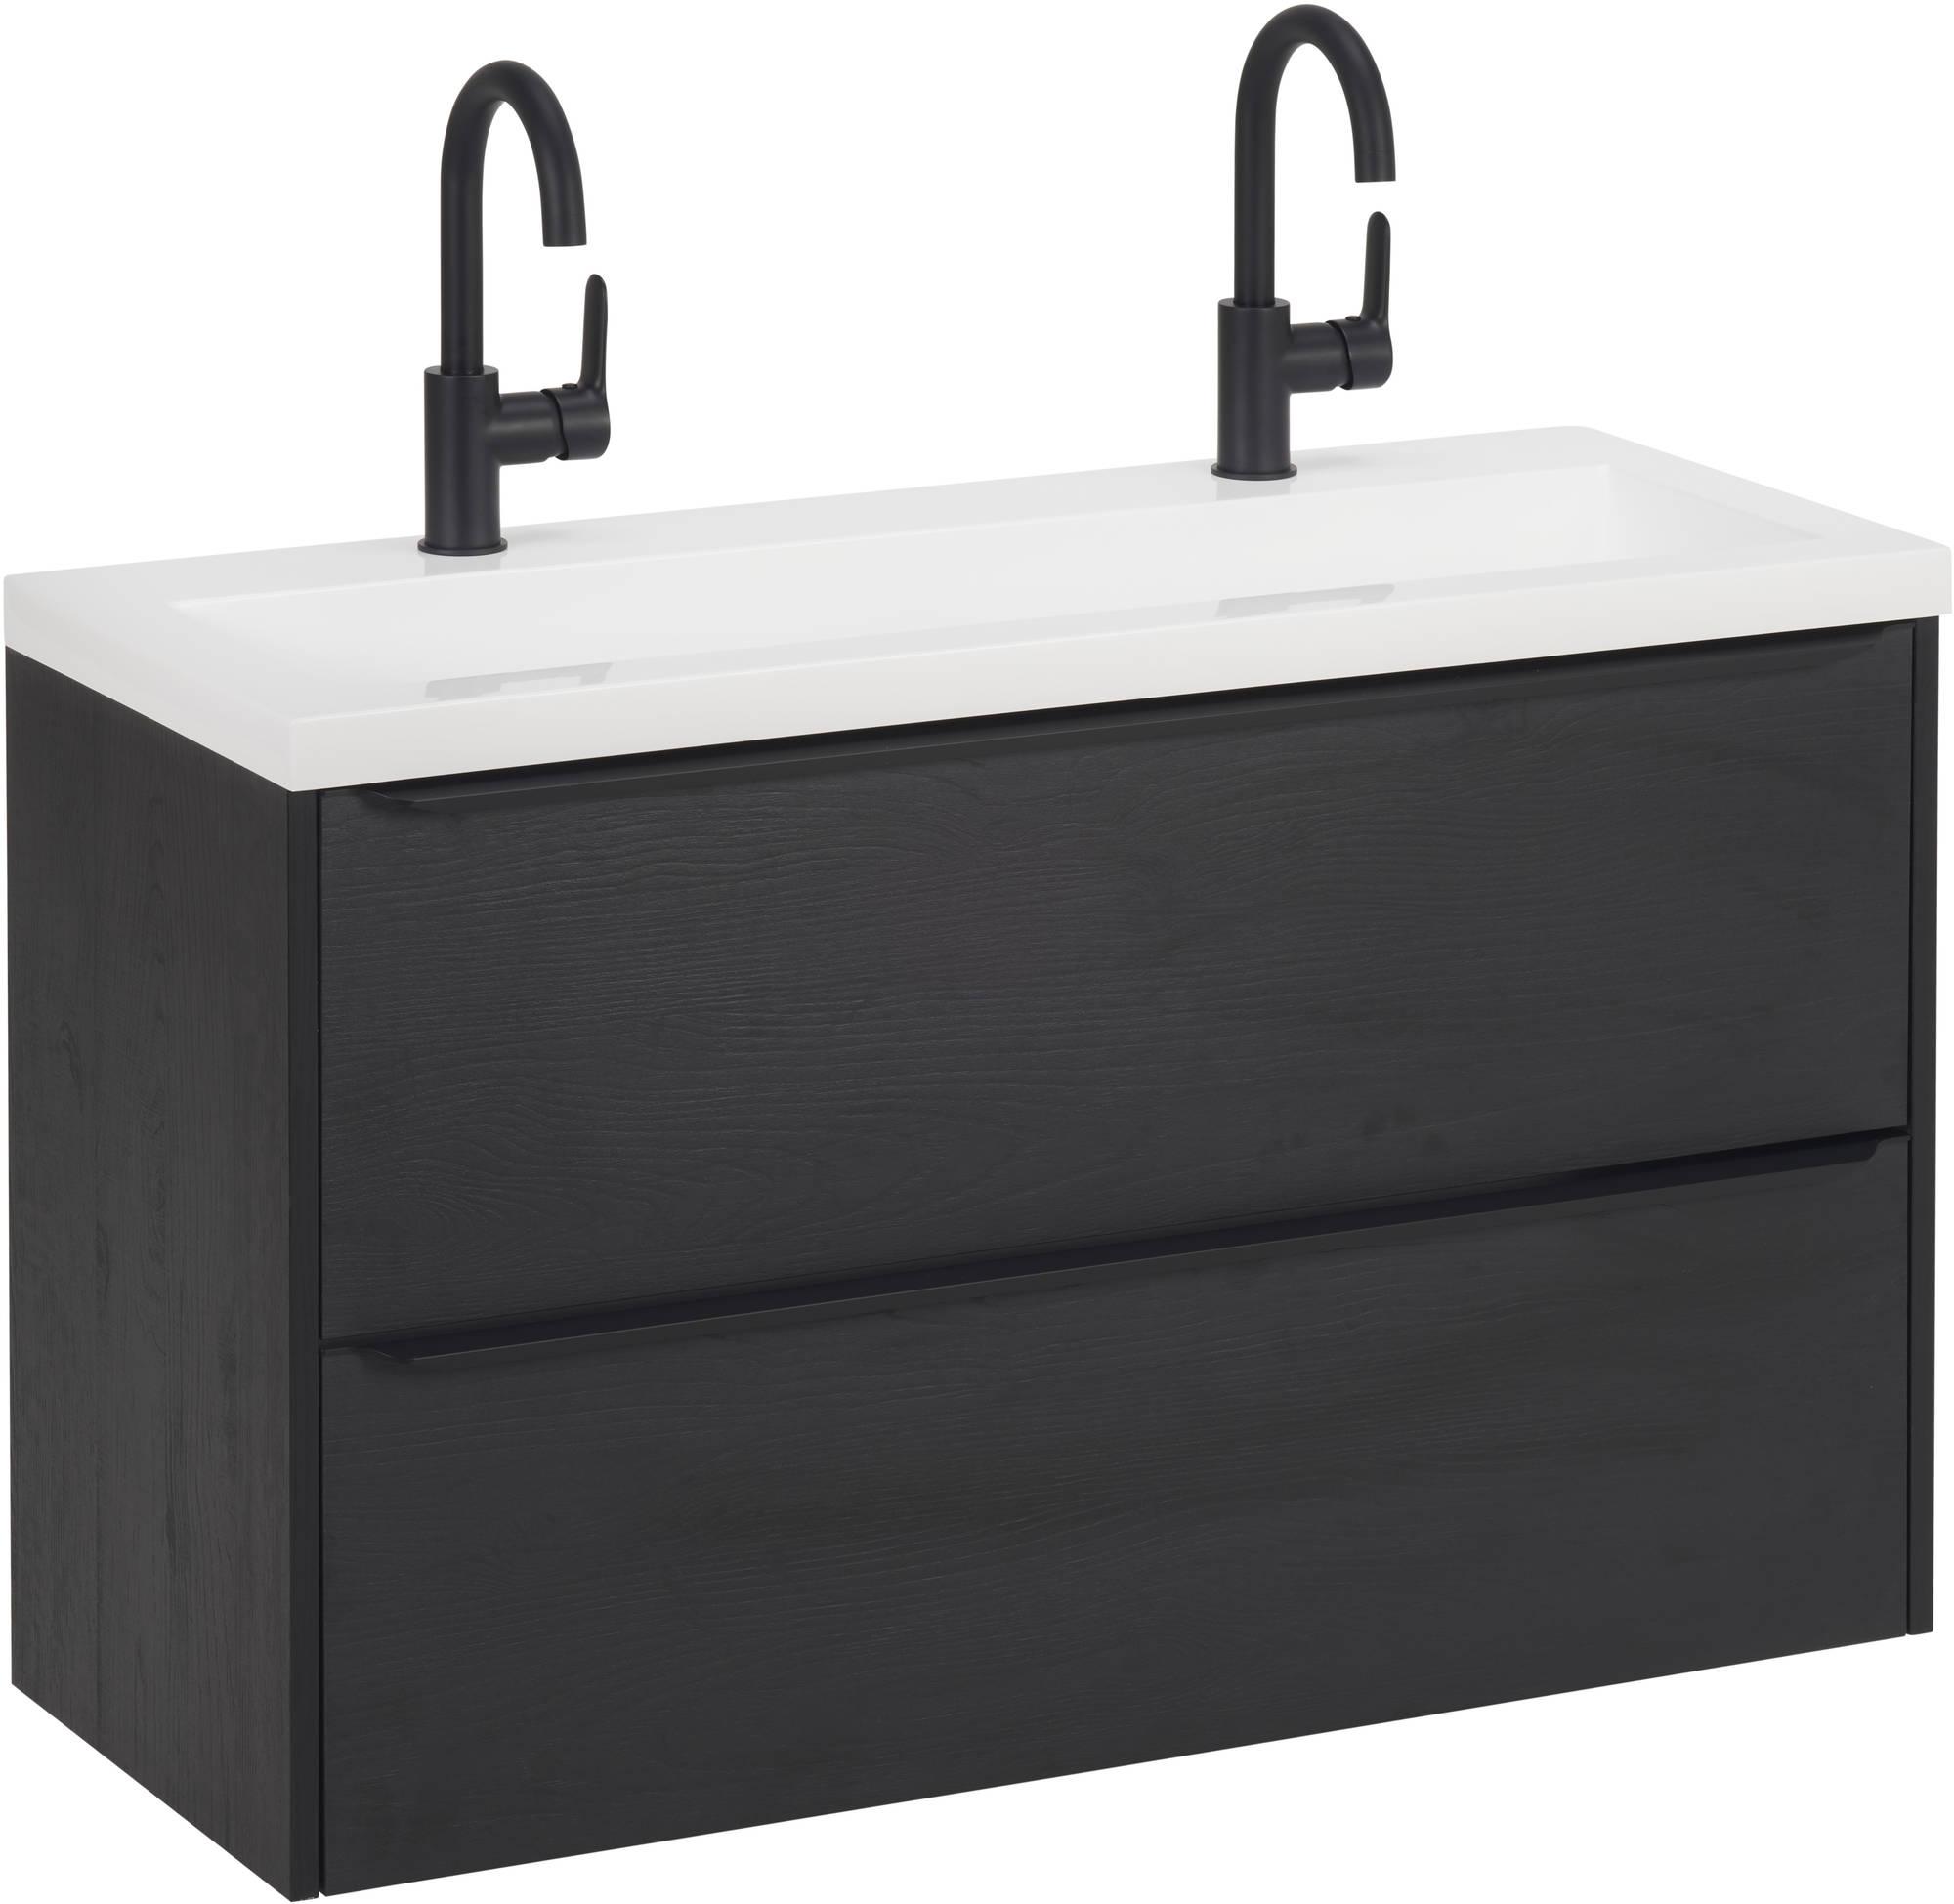 Saniselect Socan Slimline badmeubelset 100x40cm met 2 kraangaten Eiken Zwart/Zwart